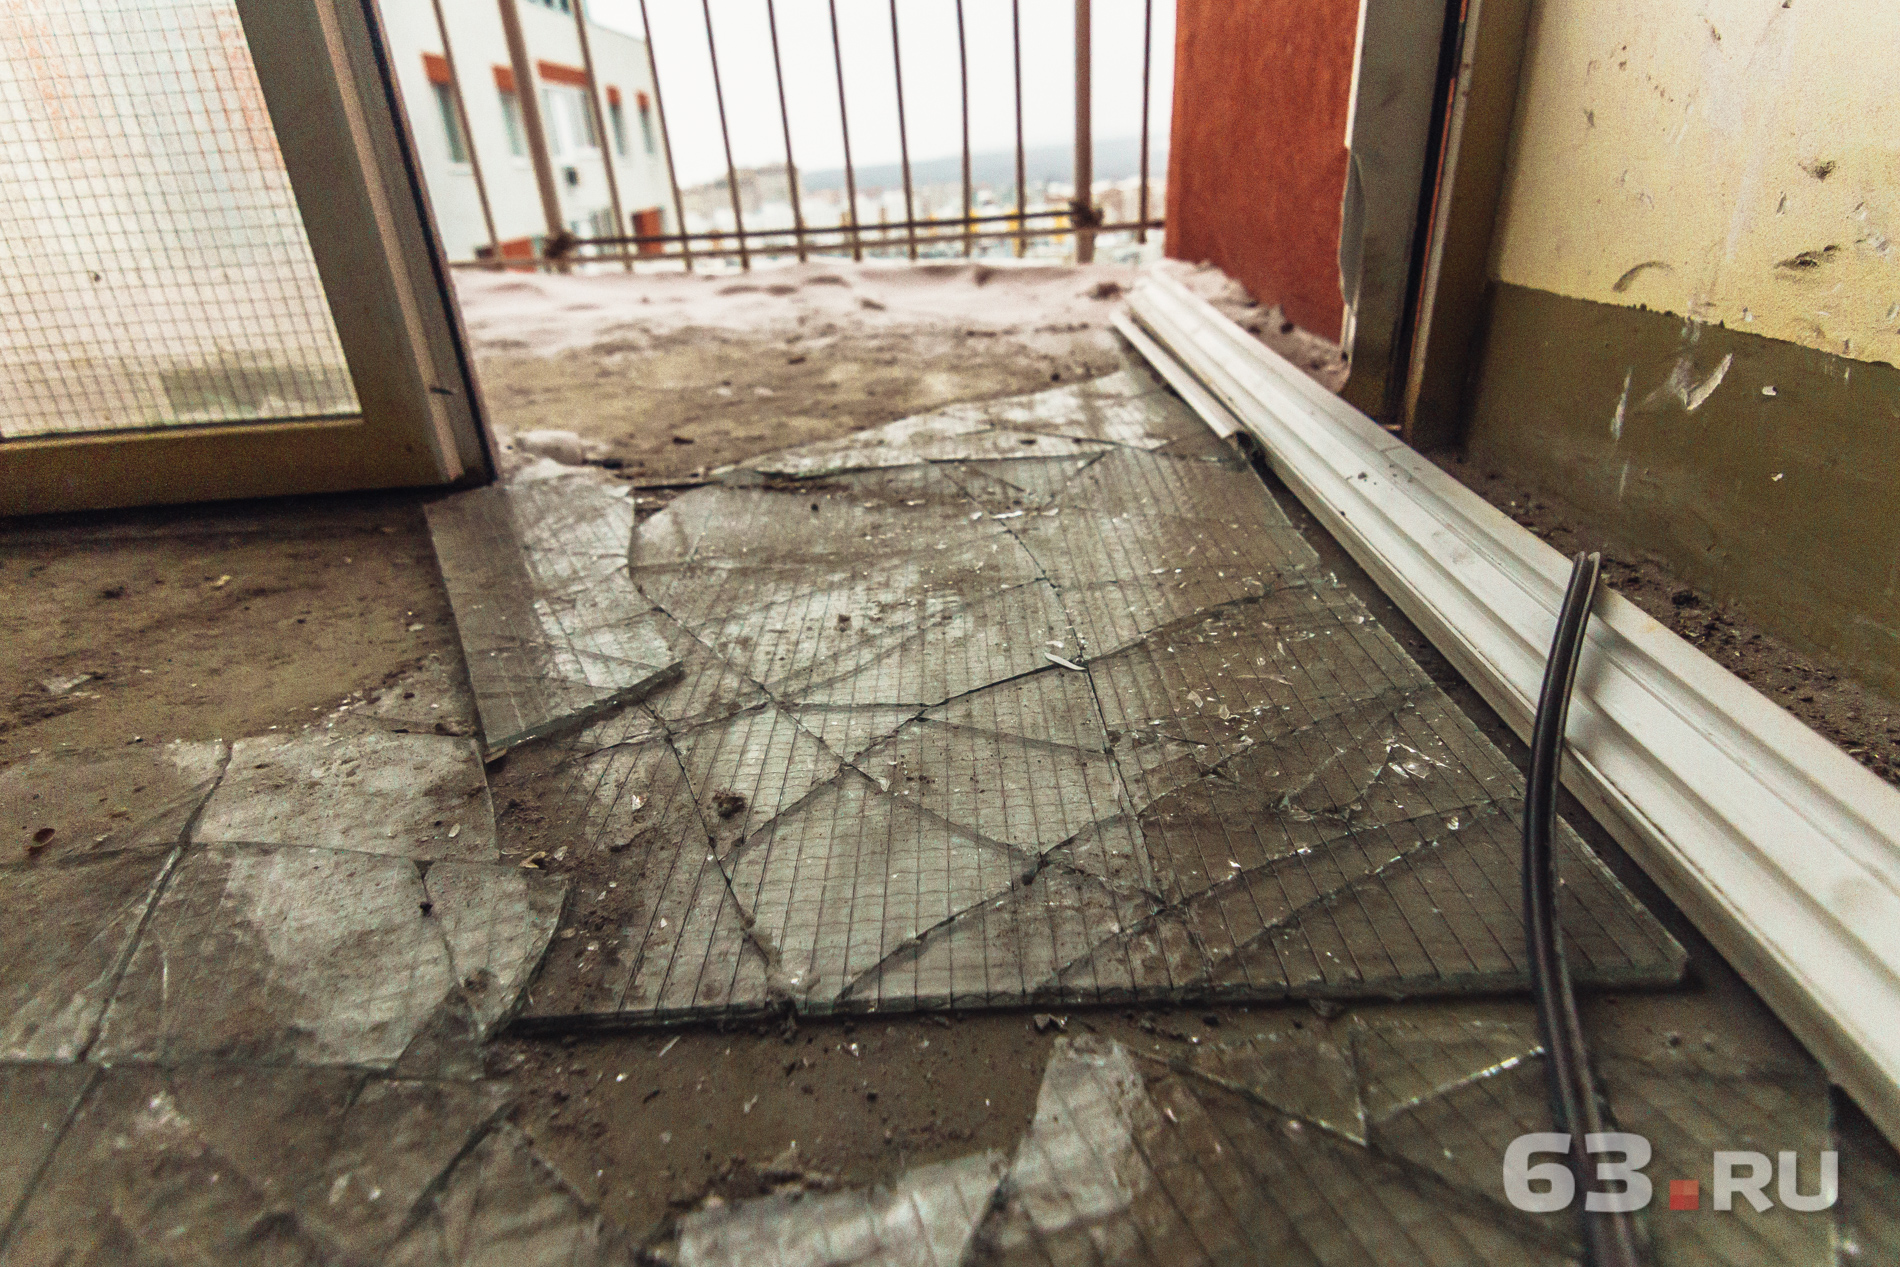 Выбитые стекла пока никто еще не убирал